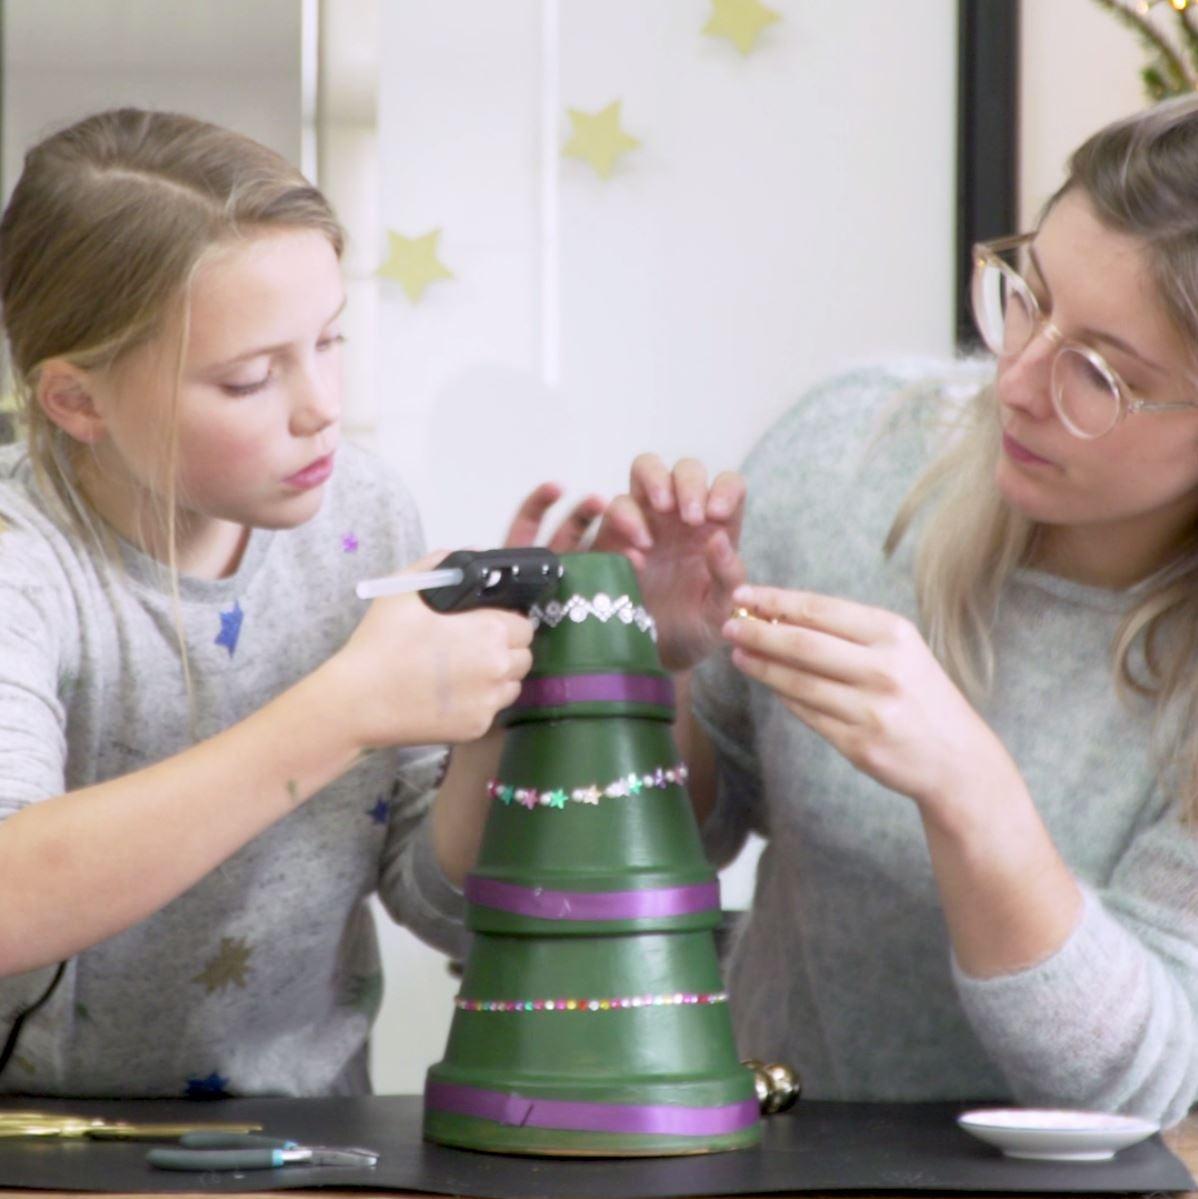 DIY Kerstboom van bloempotten stap 3: Bloempotten kerstboom versieren